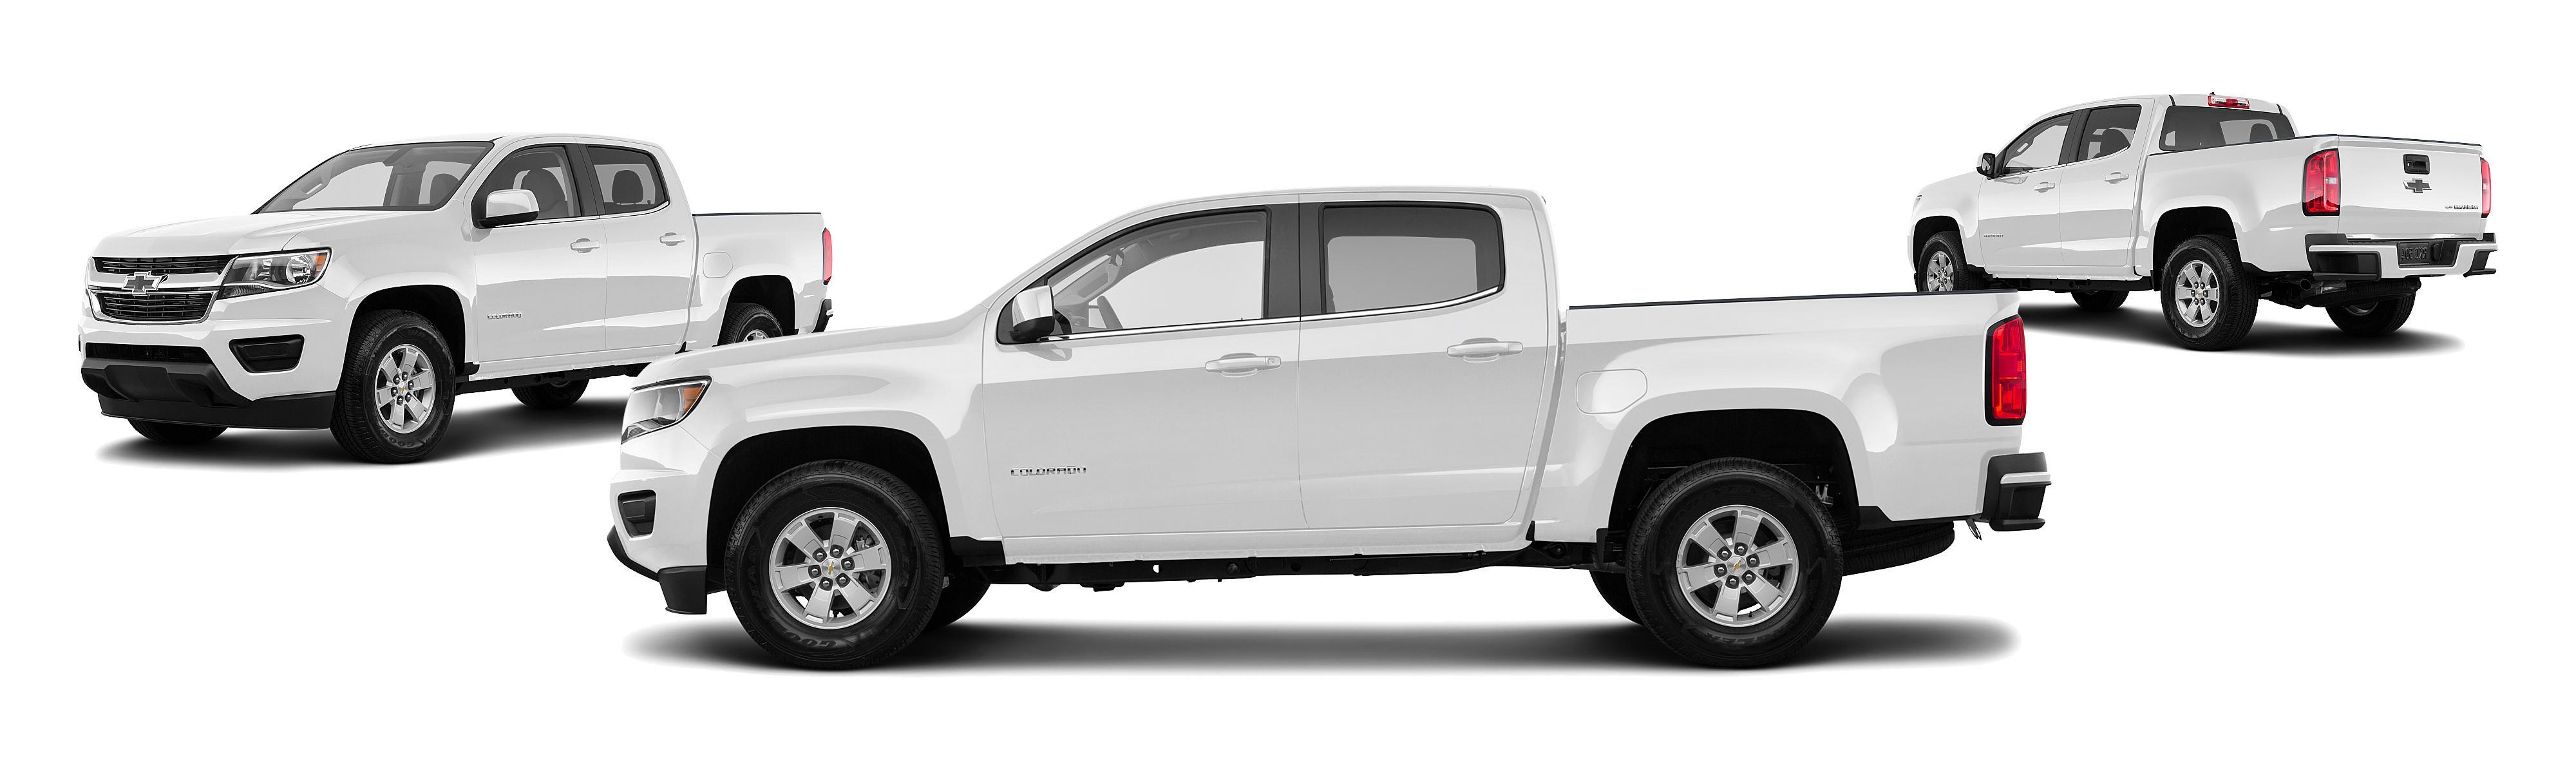 Toyota Tacoma 2015-2018 Service Manual: Calibration